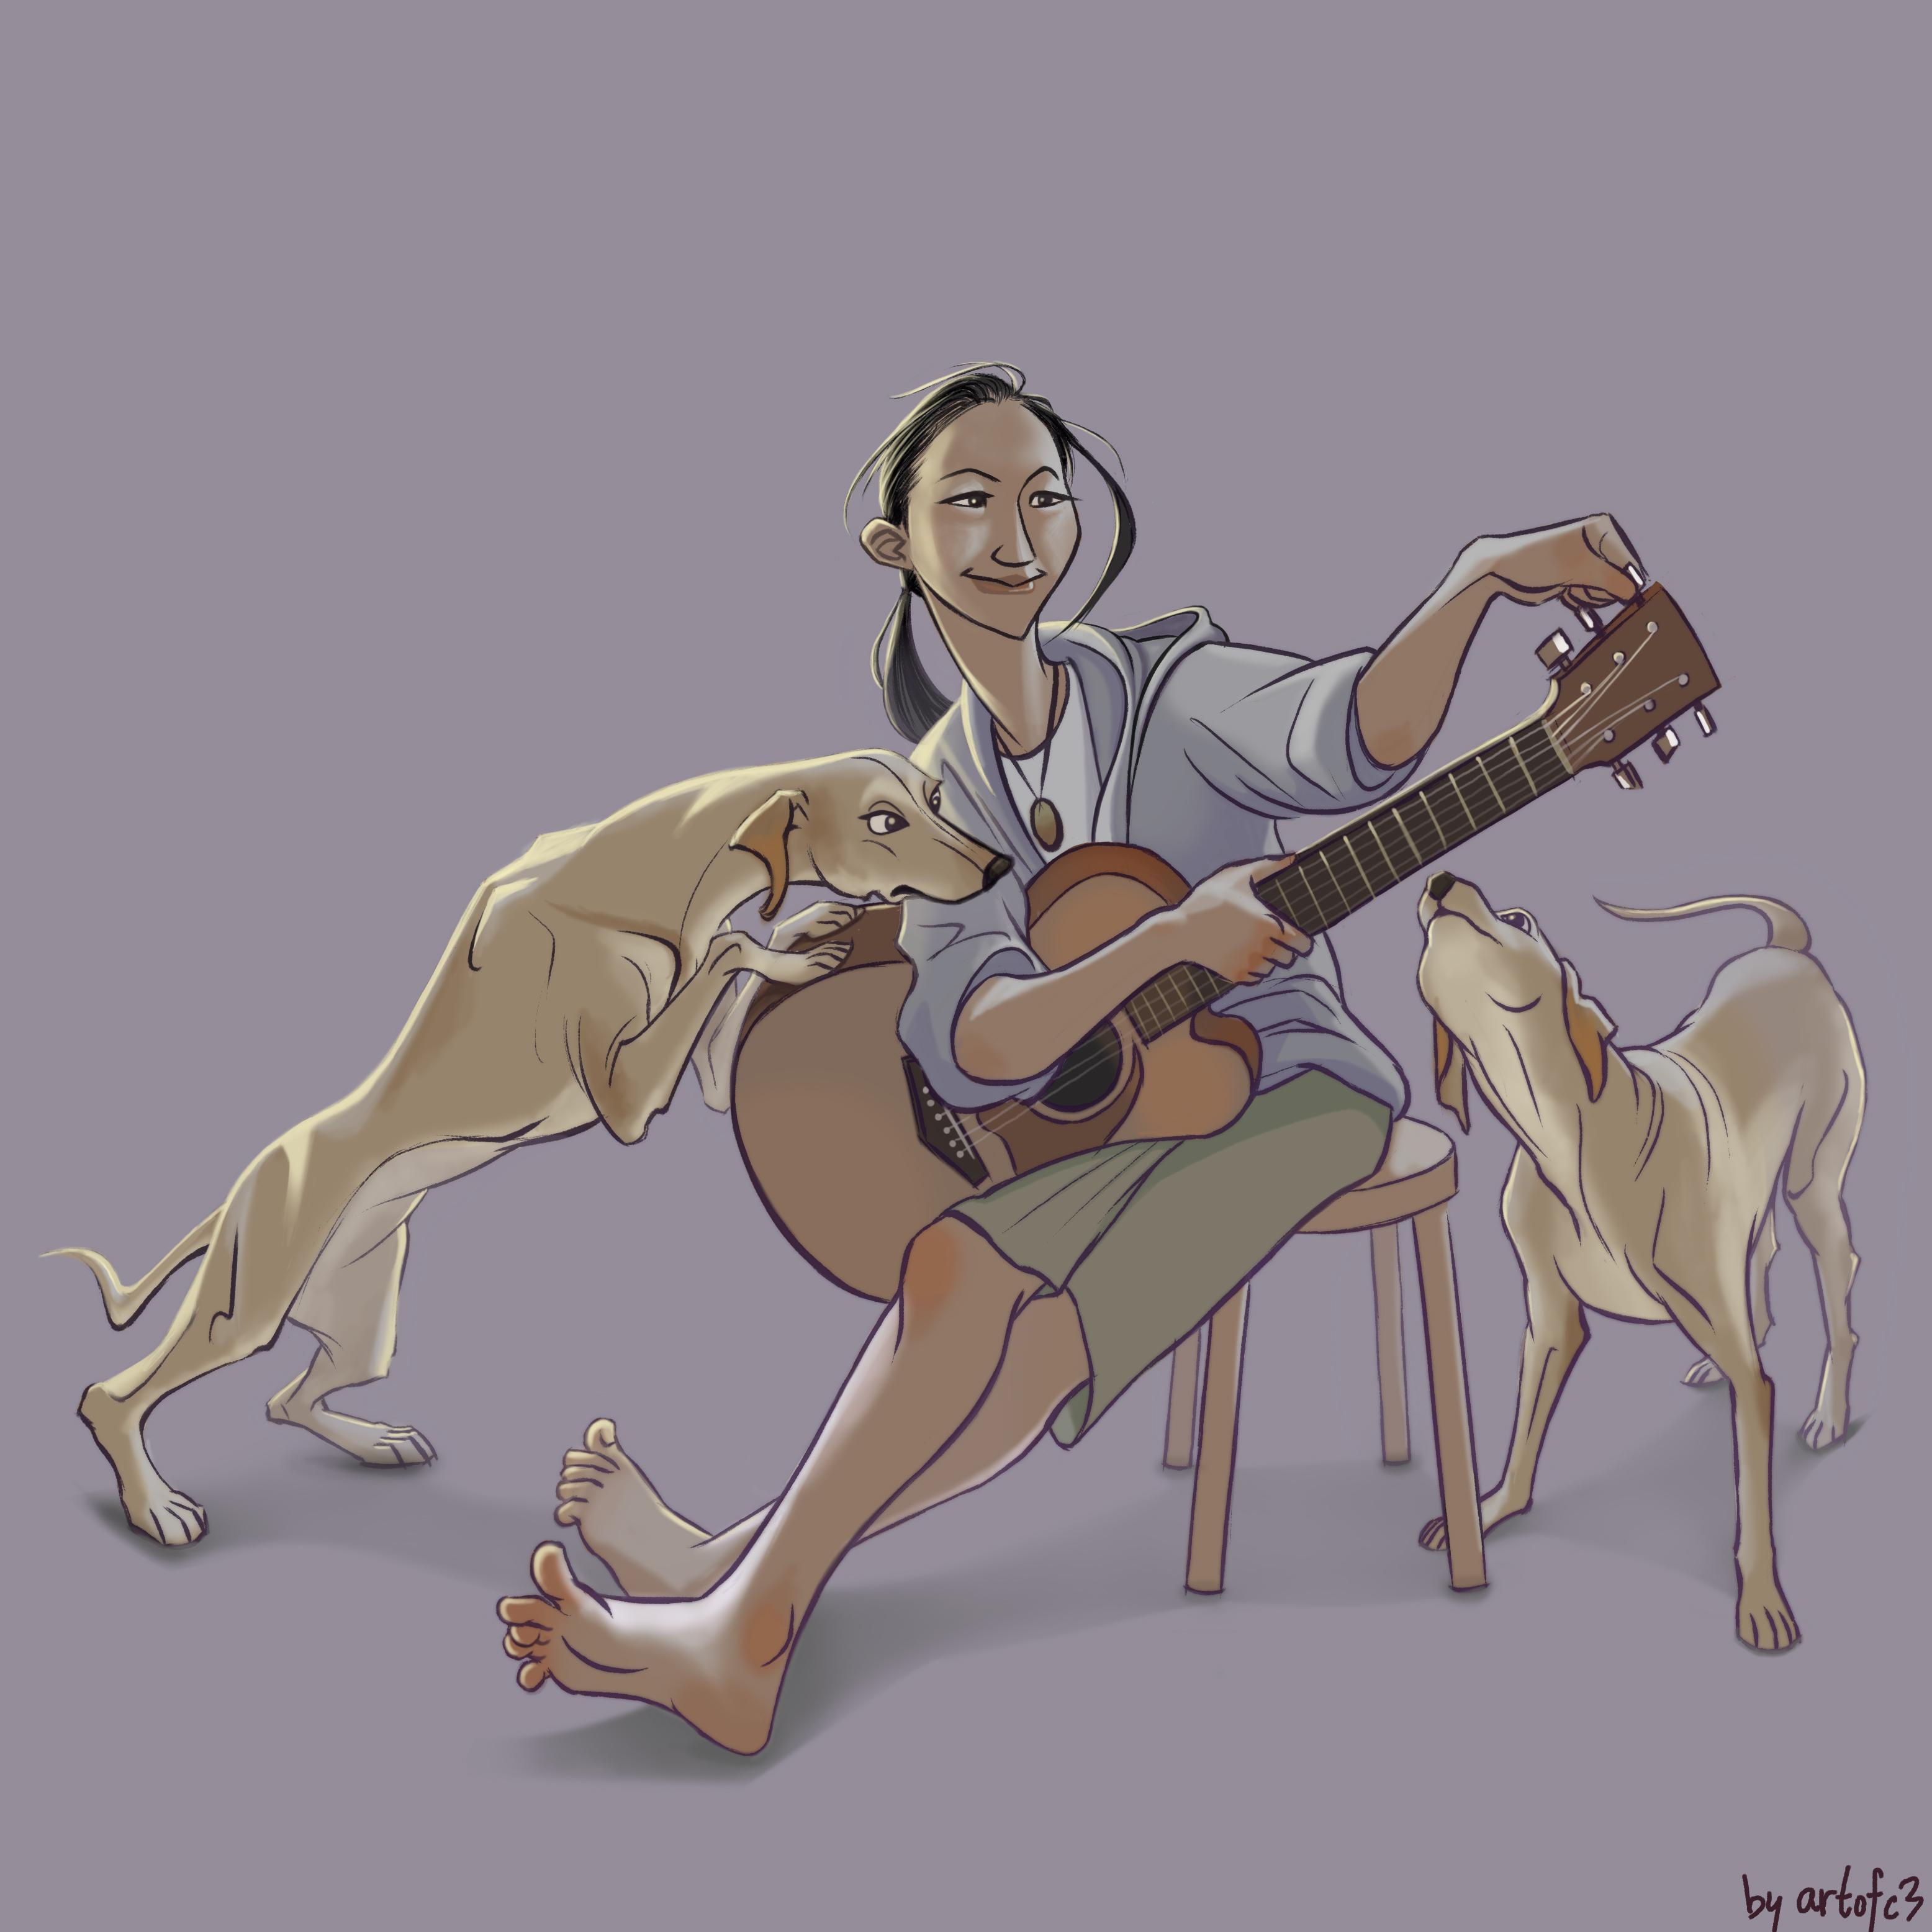 Caricature of Friends 5